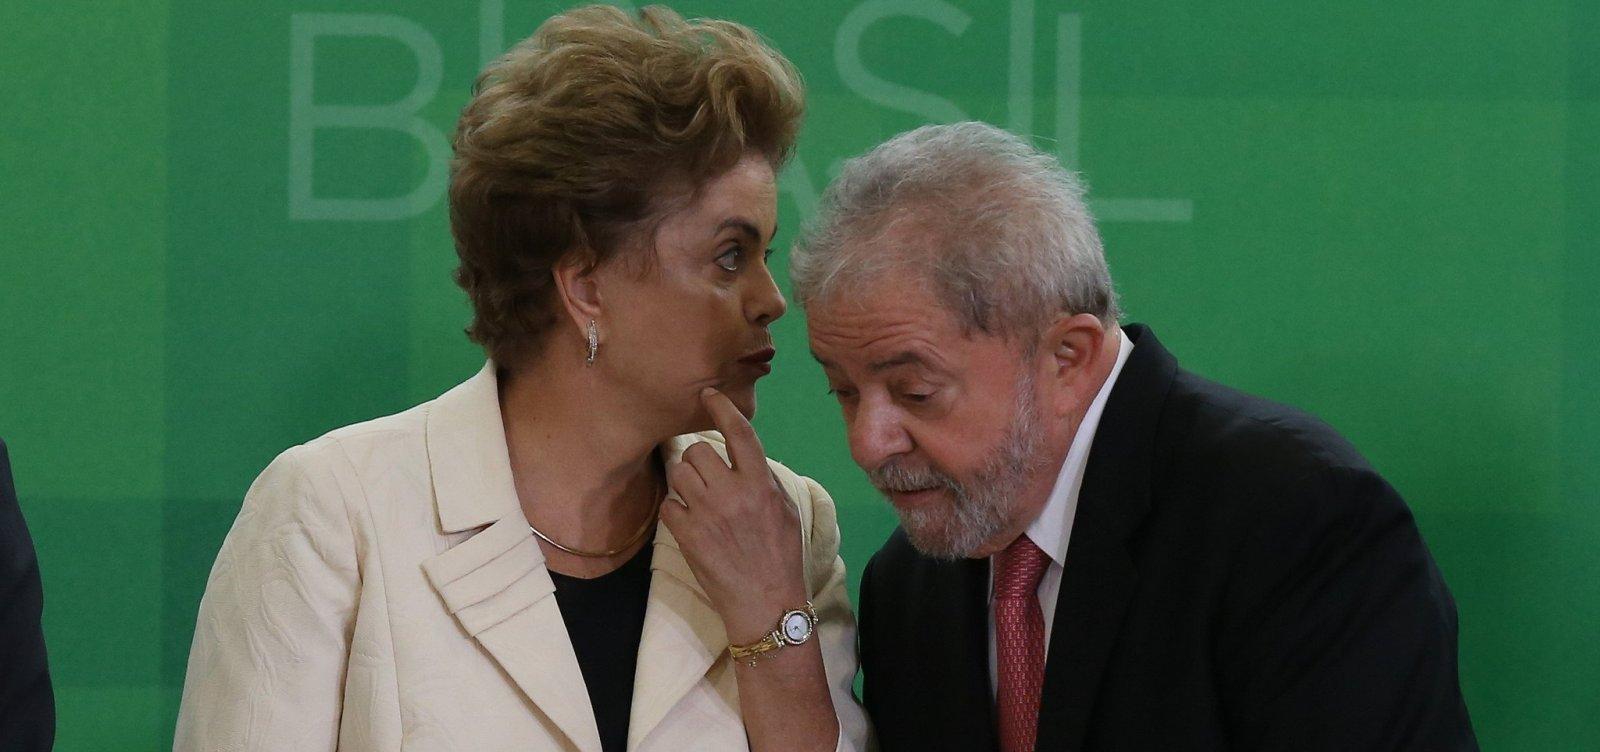 [Folha divulga diálogos da Lava Jato sobre escutas telefônicas de Lula]